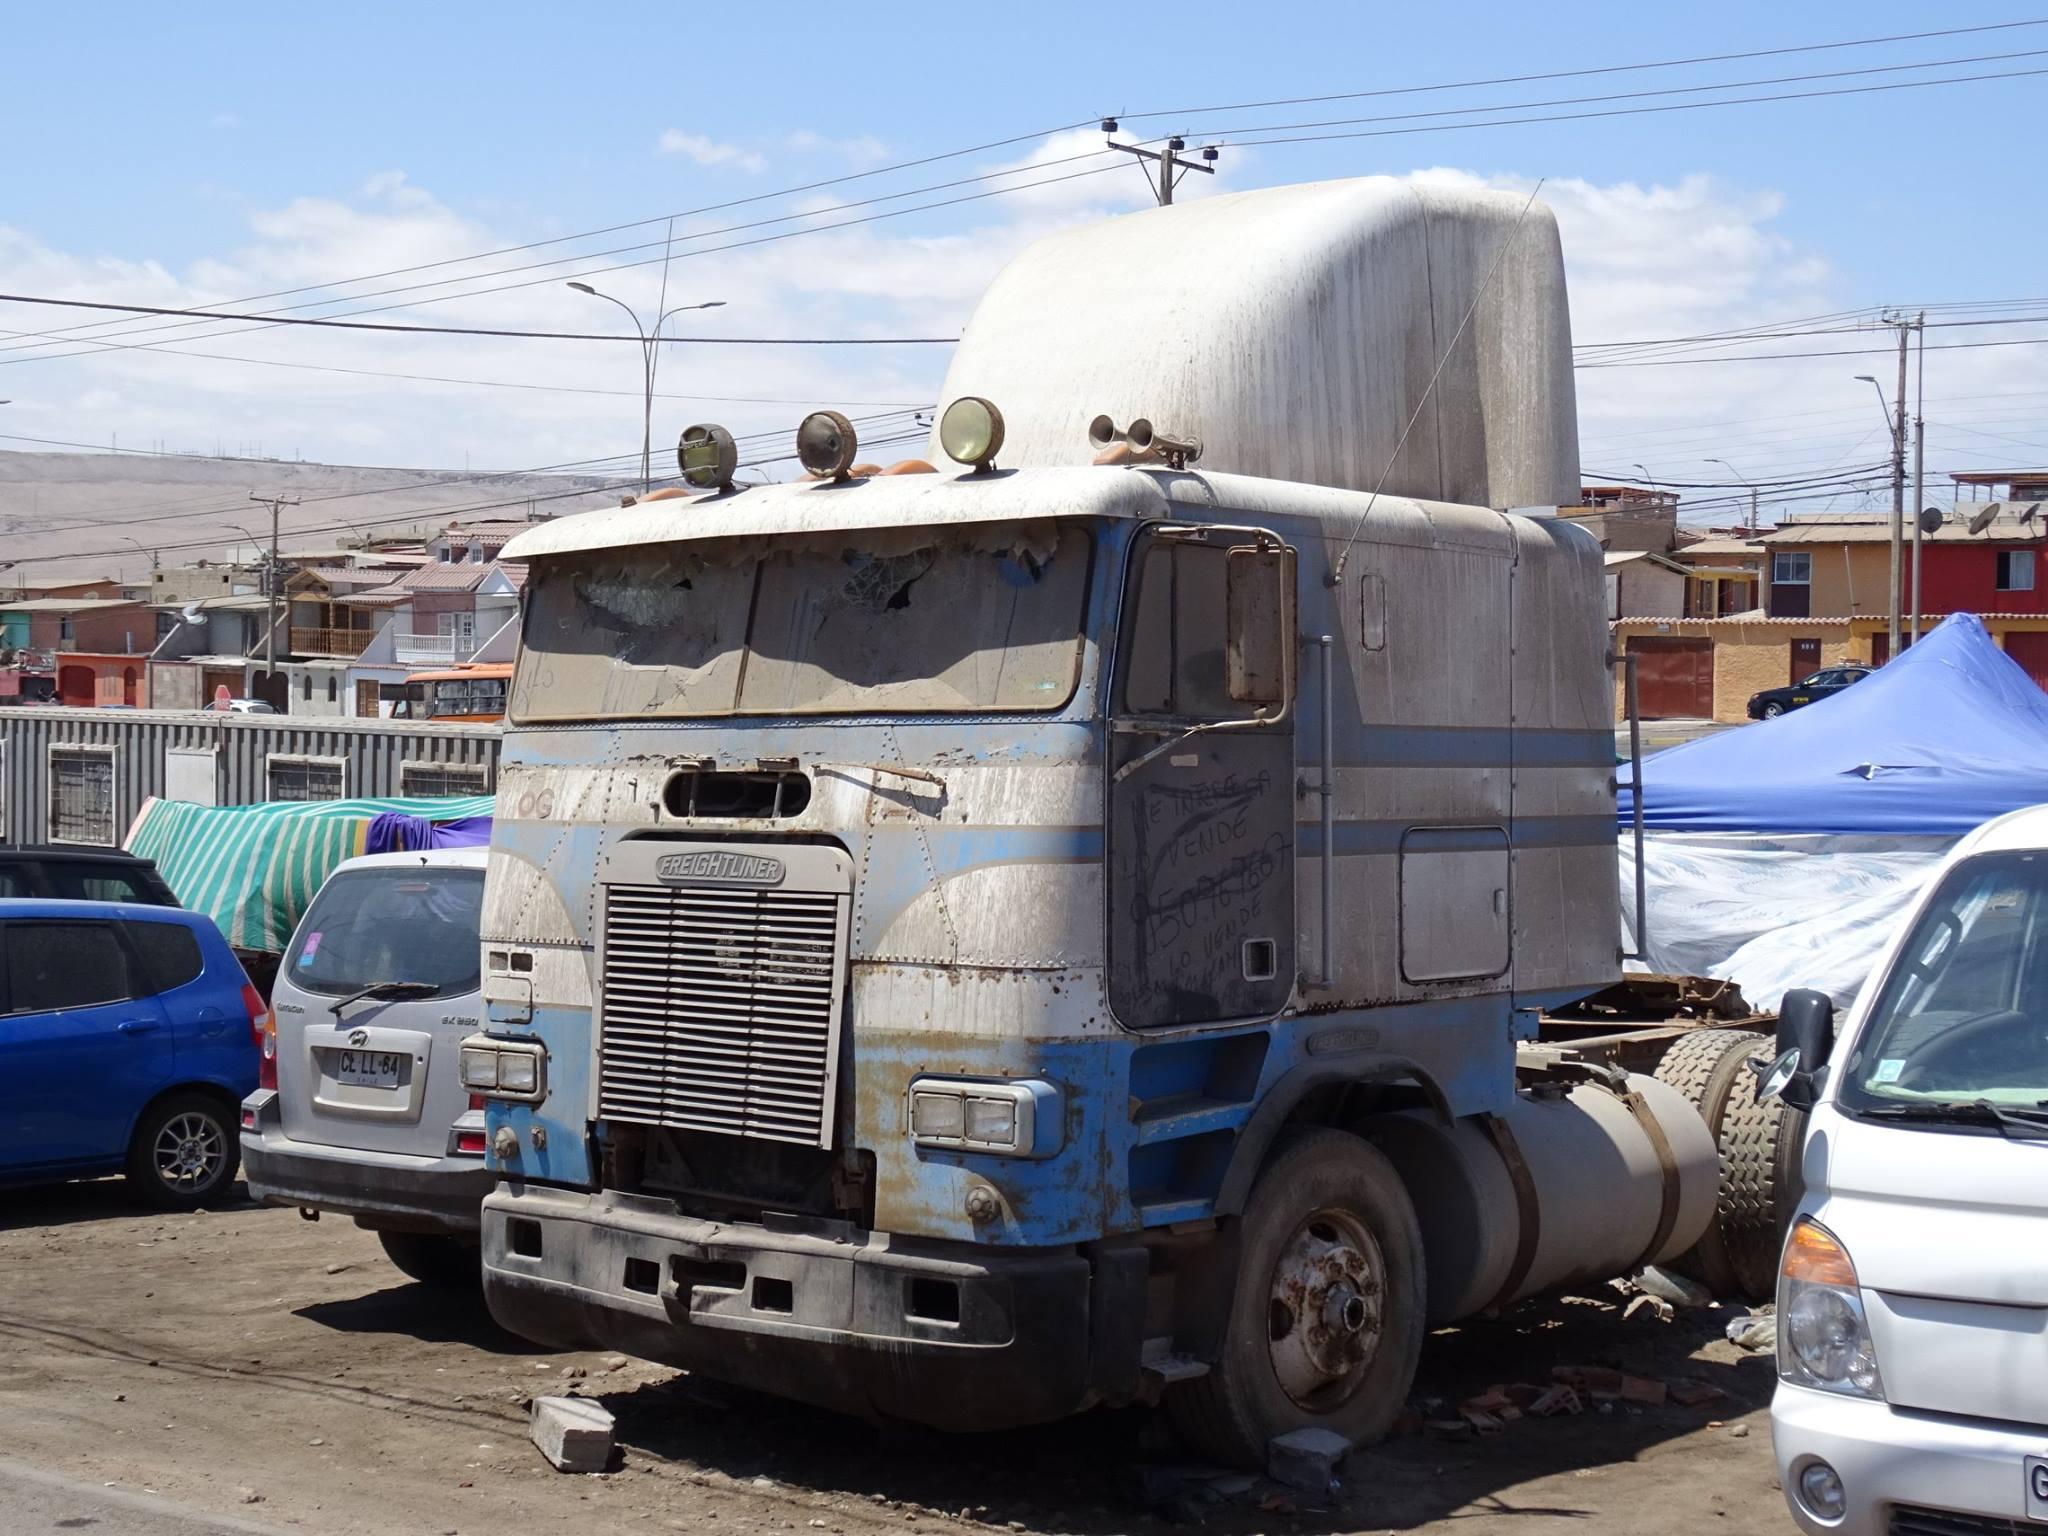 Camiones-vieja-escuela-olvidados-55